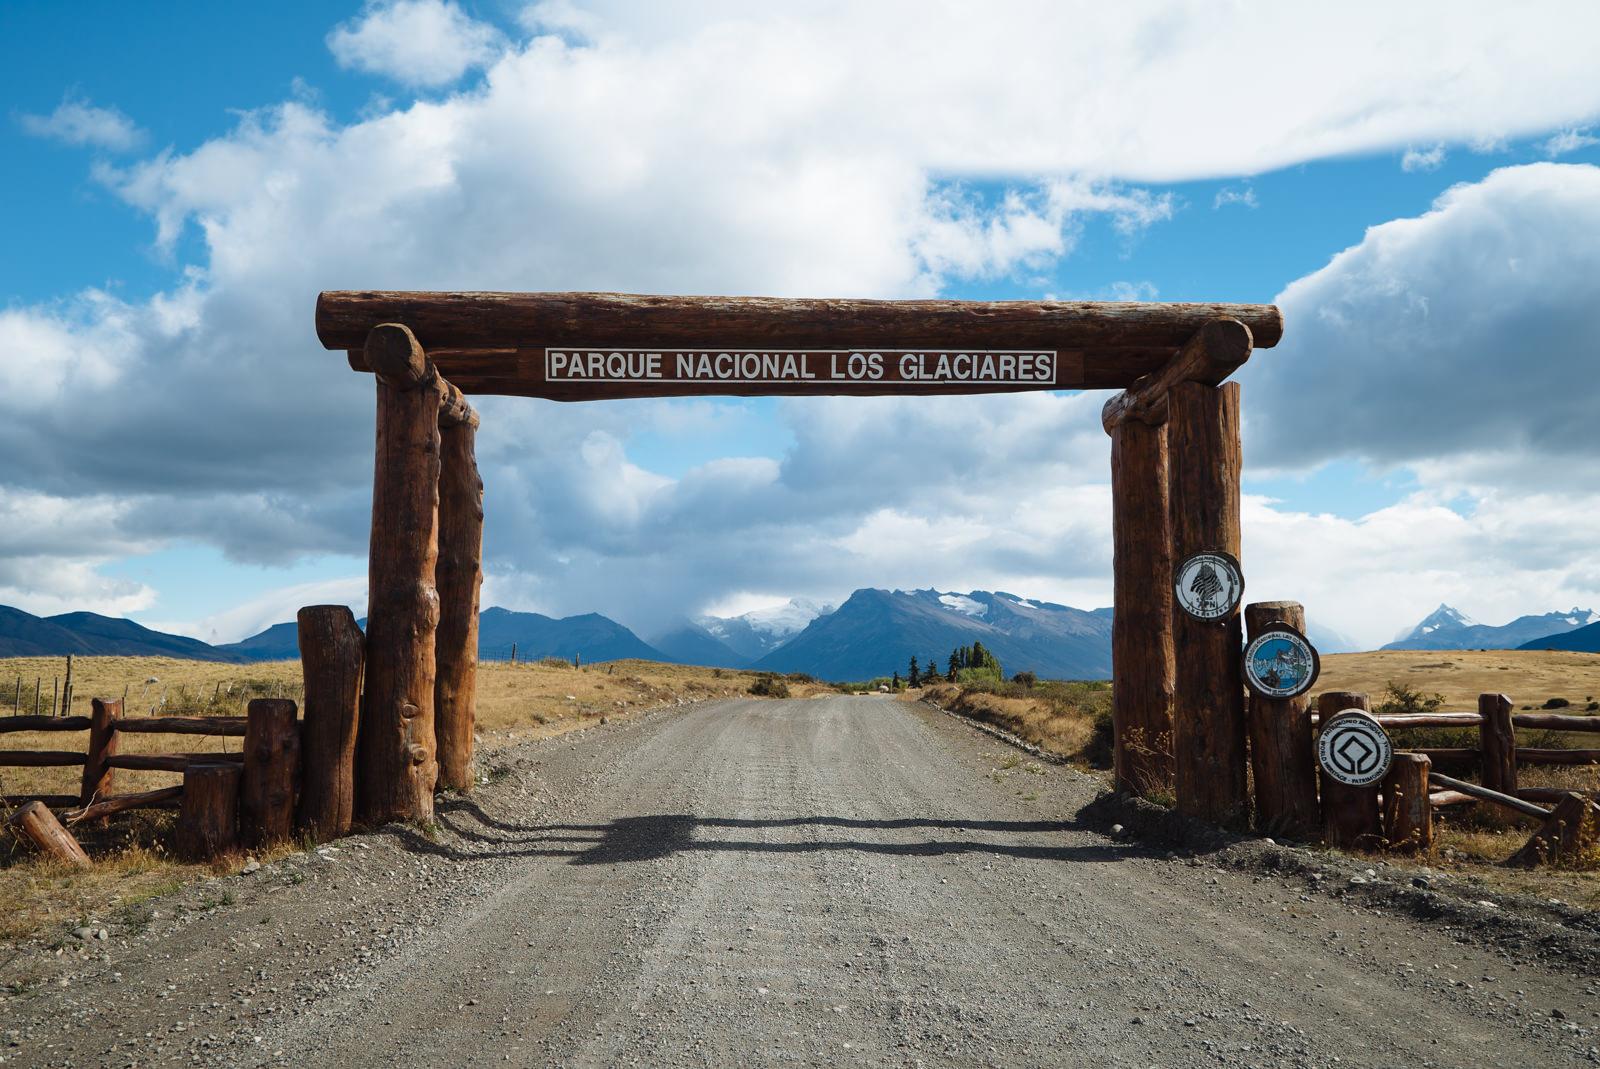 wrenee-el-calafate-patagonia-argentina-6.jpg